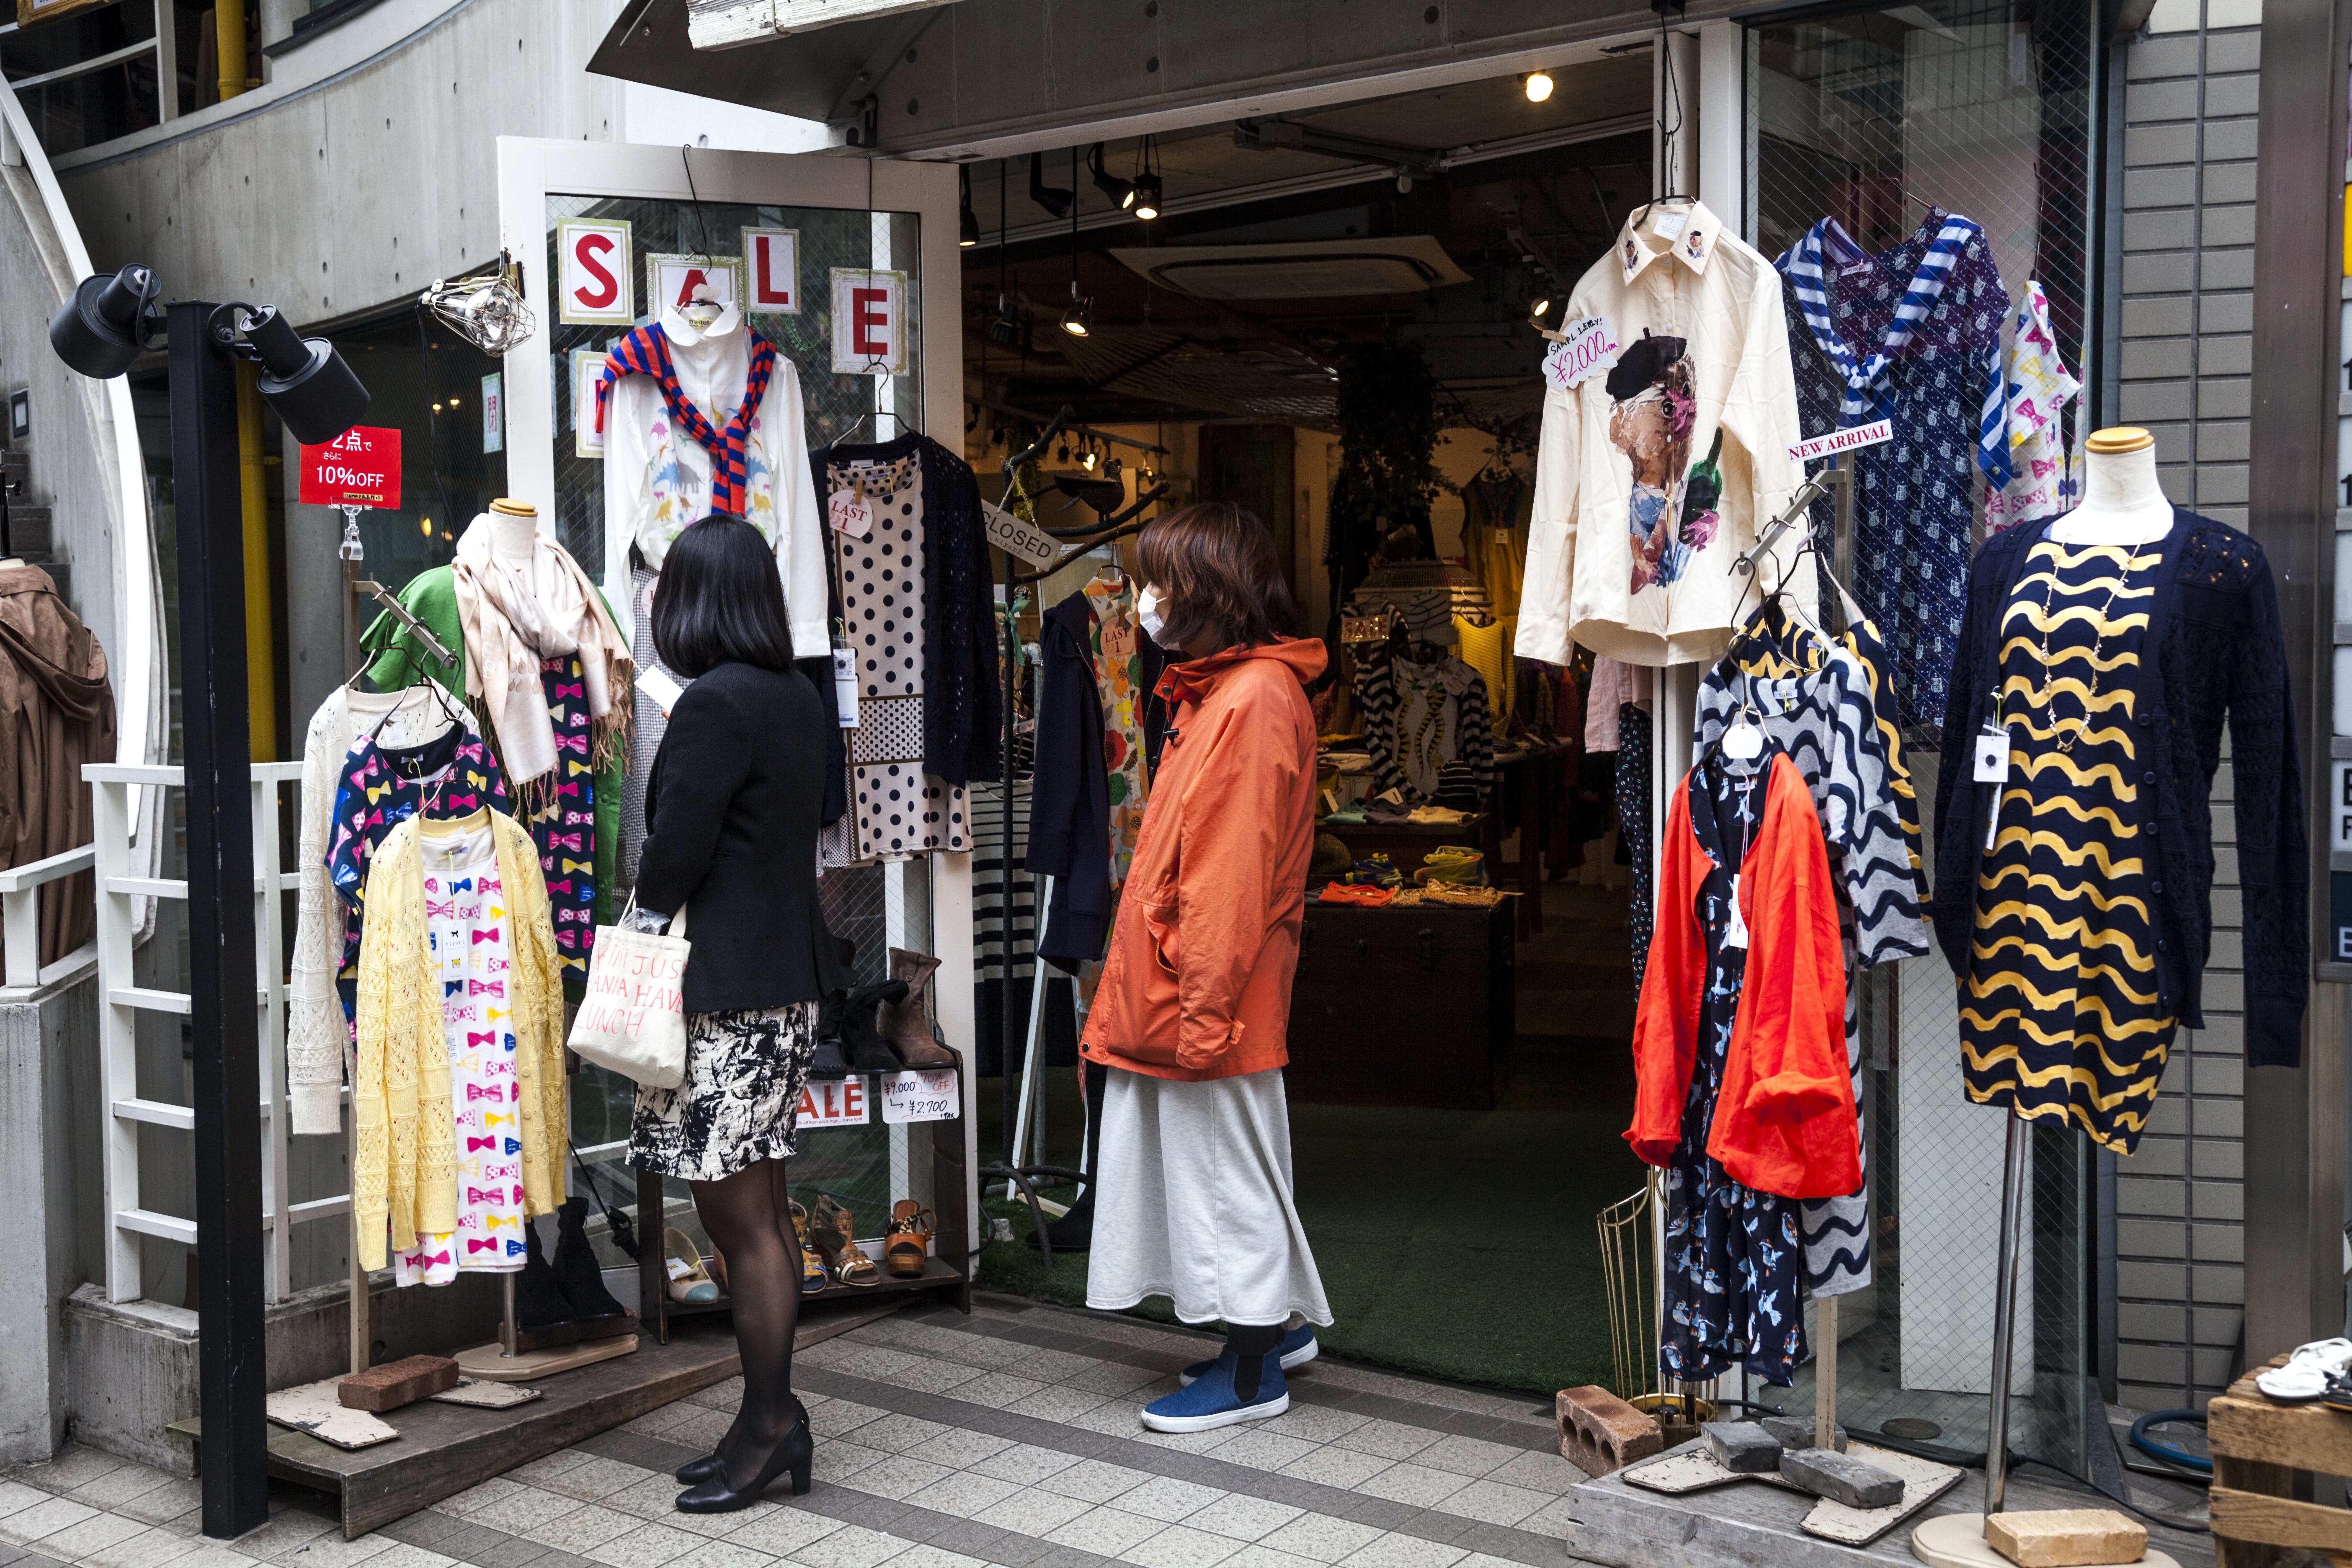 Clothing on display for sale, Harajuku, Tokyo, Japan